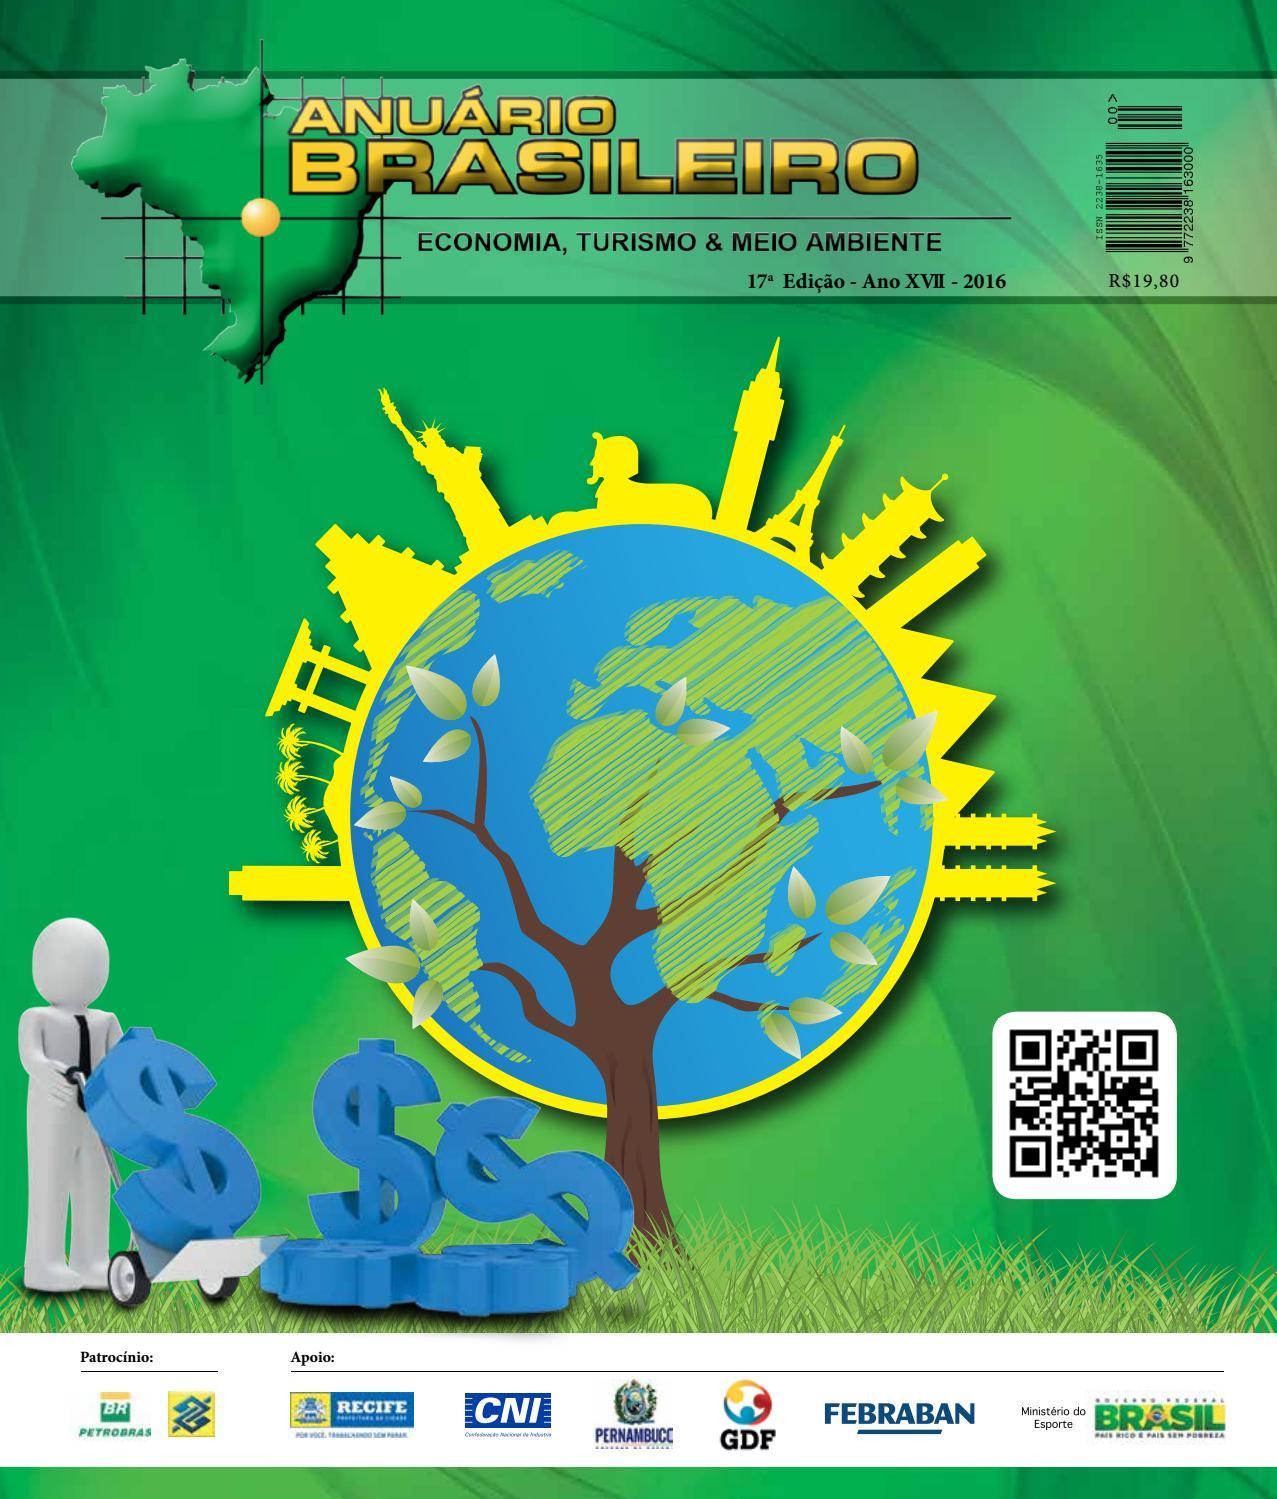 66b72260bf3 Anuario Brasileiro 17ª Edição by Fábio R. de Souza - issuu